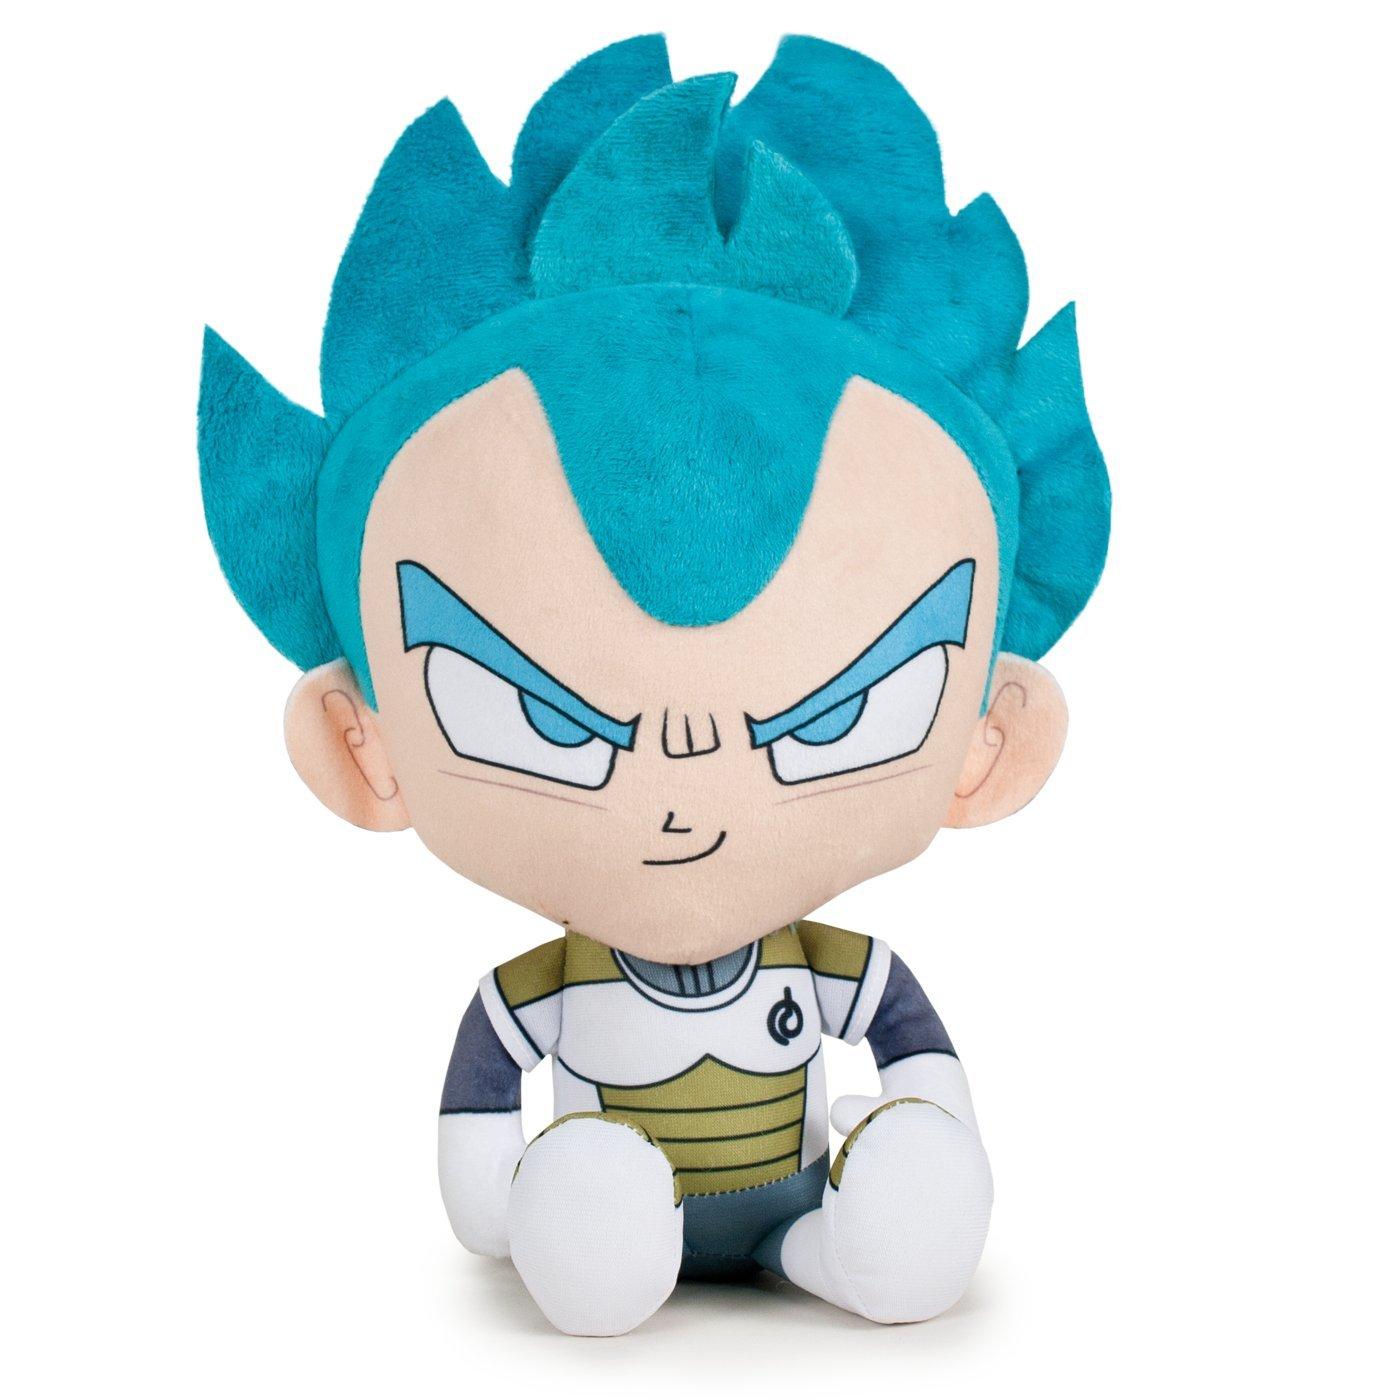 Play by Play OUSDY - Peluches Personajes Dragon Ball Super 760016800 22CM 4MODELOS (Vegeta Super Saiyan Dios): Amazon.es: Juguetes y juegos